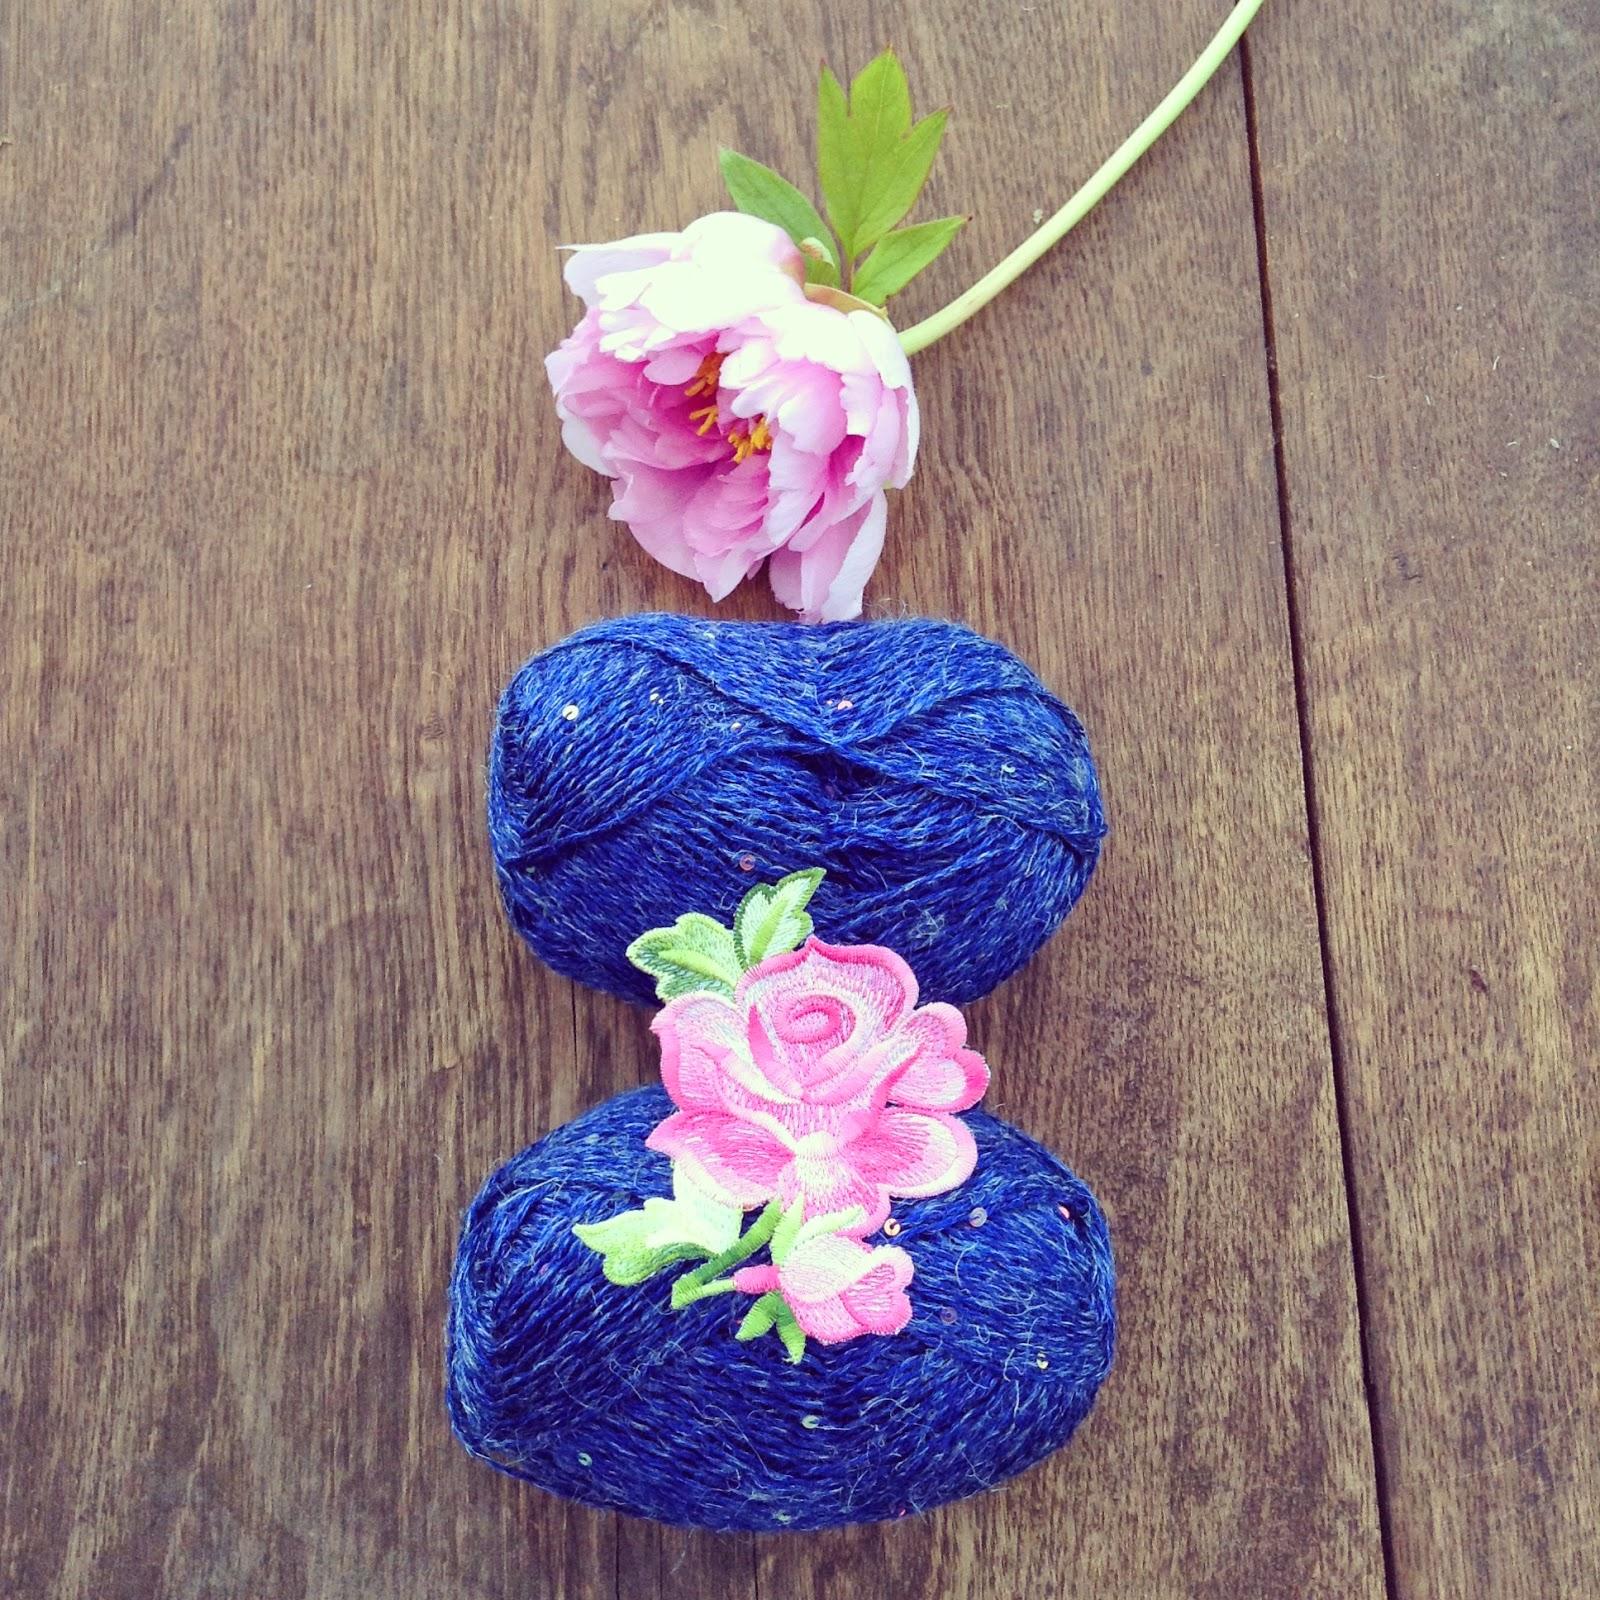 fil chanvre et paillettes bleu vignette brodée rose